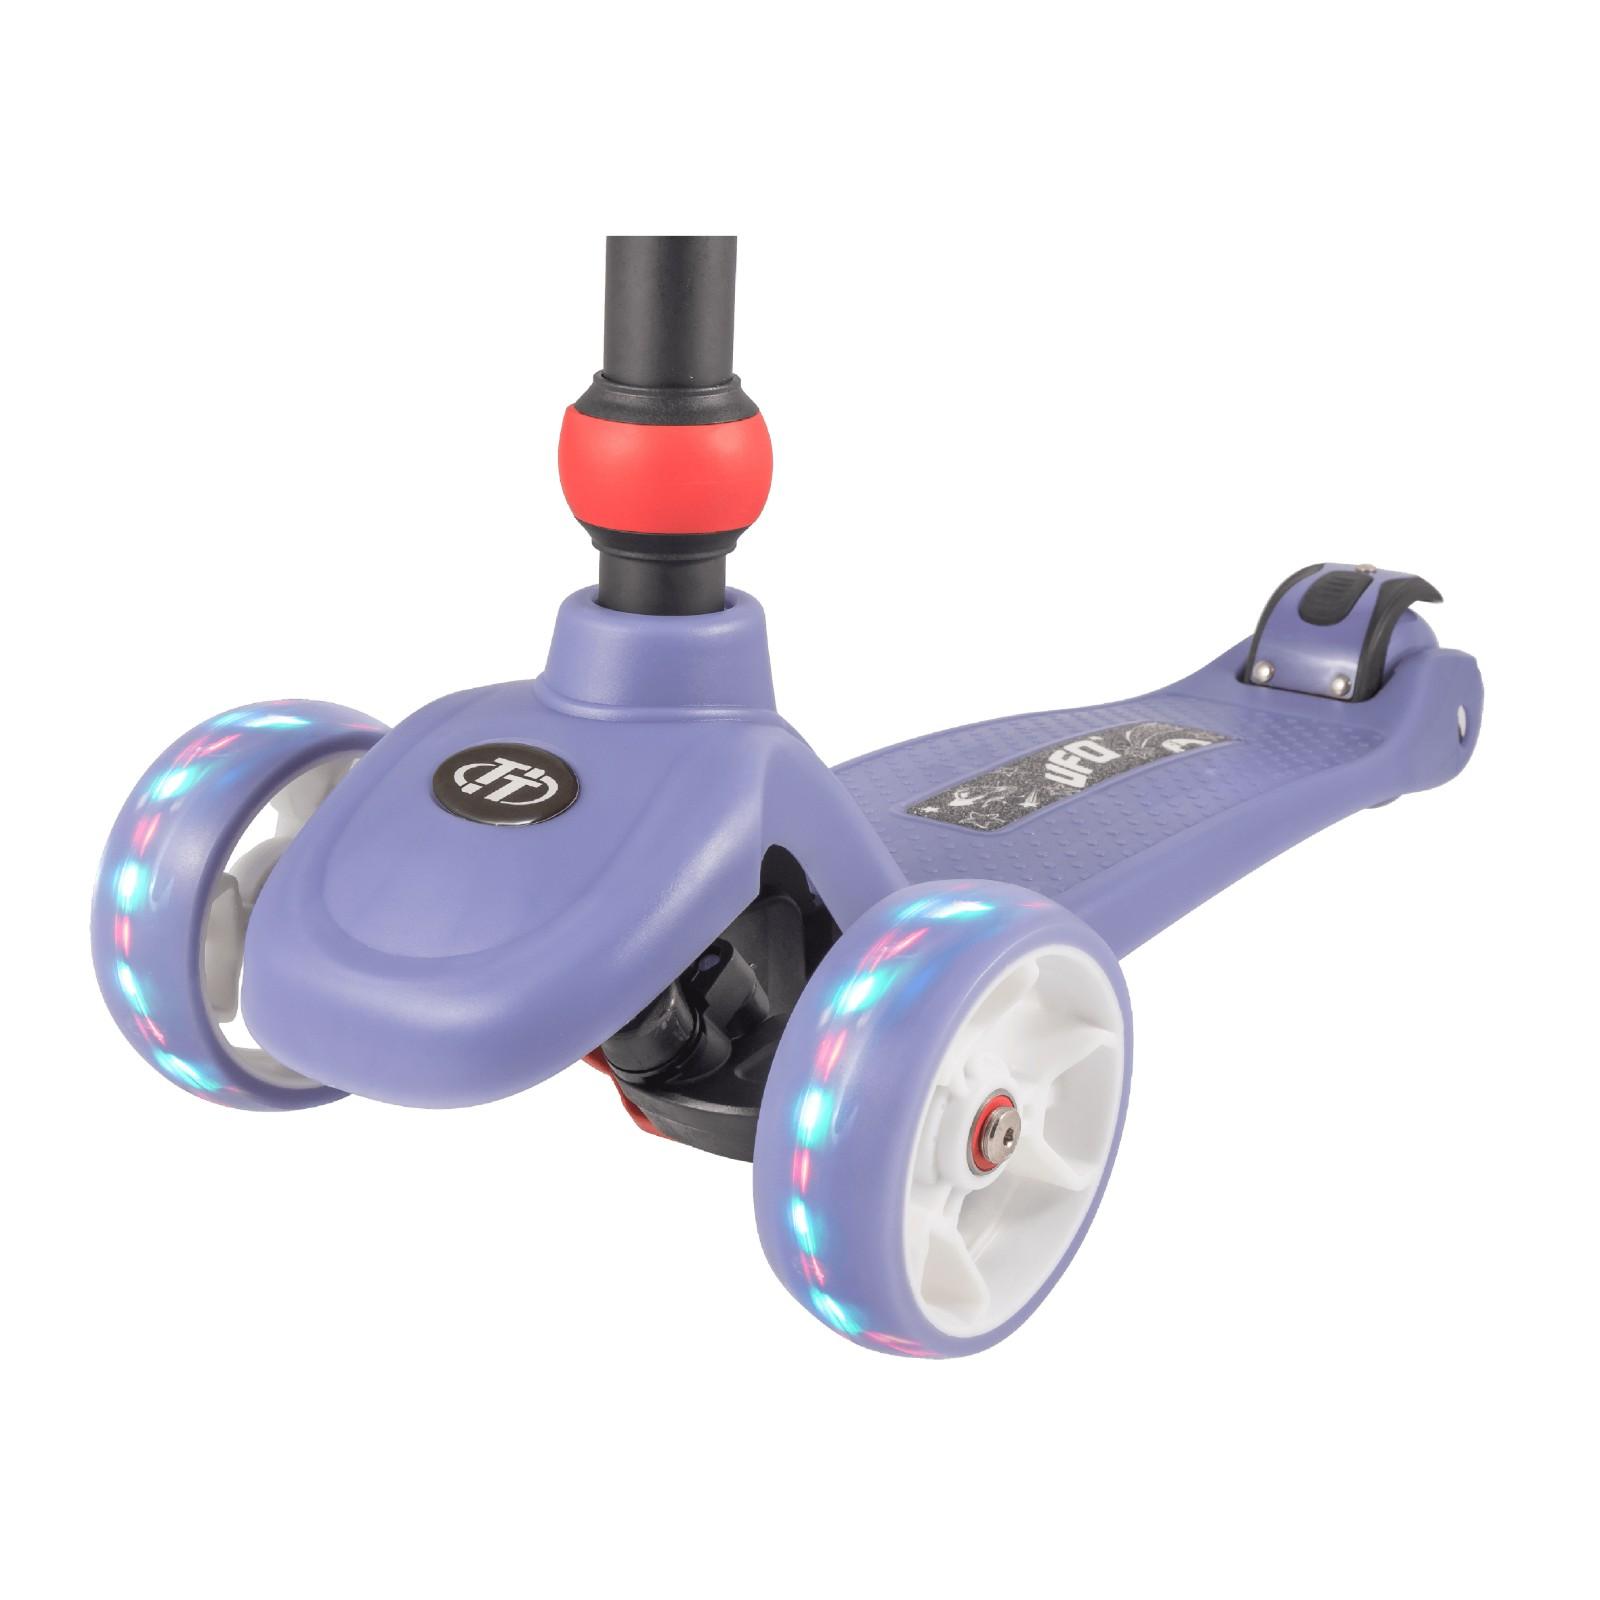 Детский складной трехколесный самокат TechTeam UFO 2020 / Фиолетовый